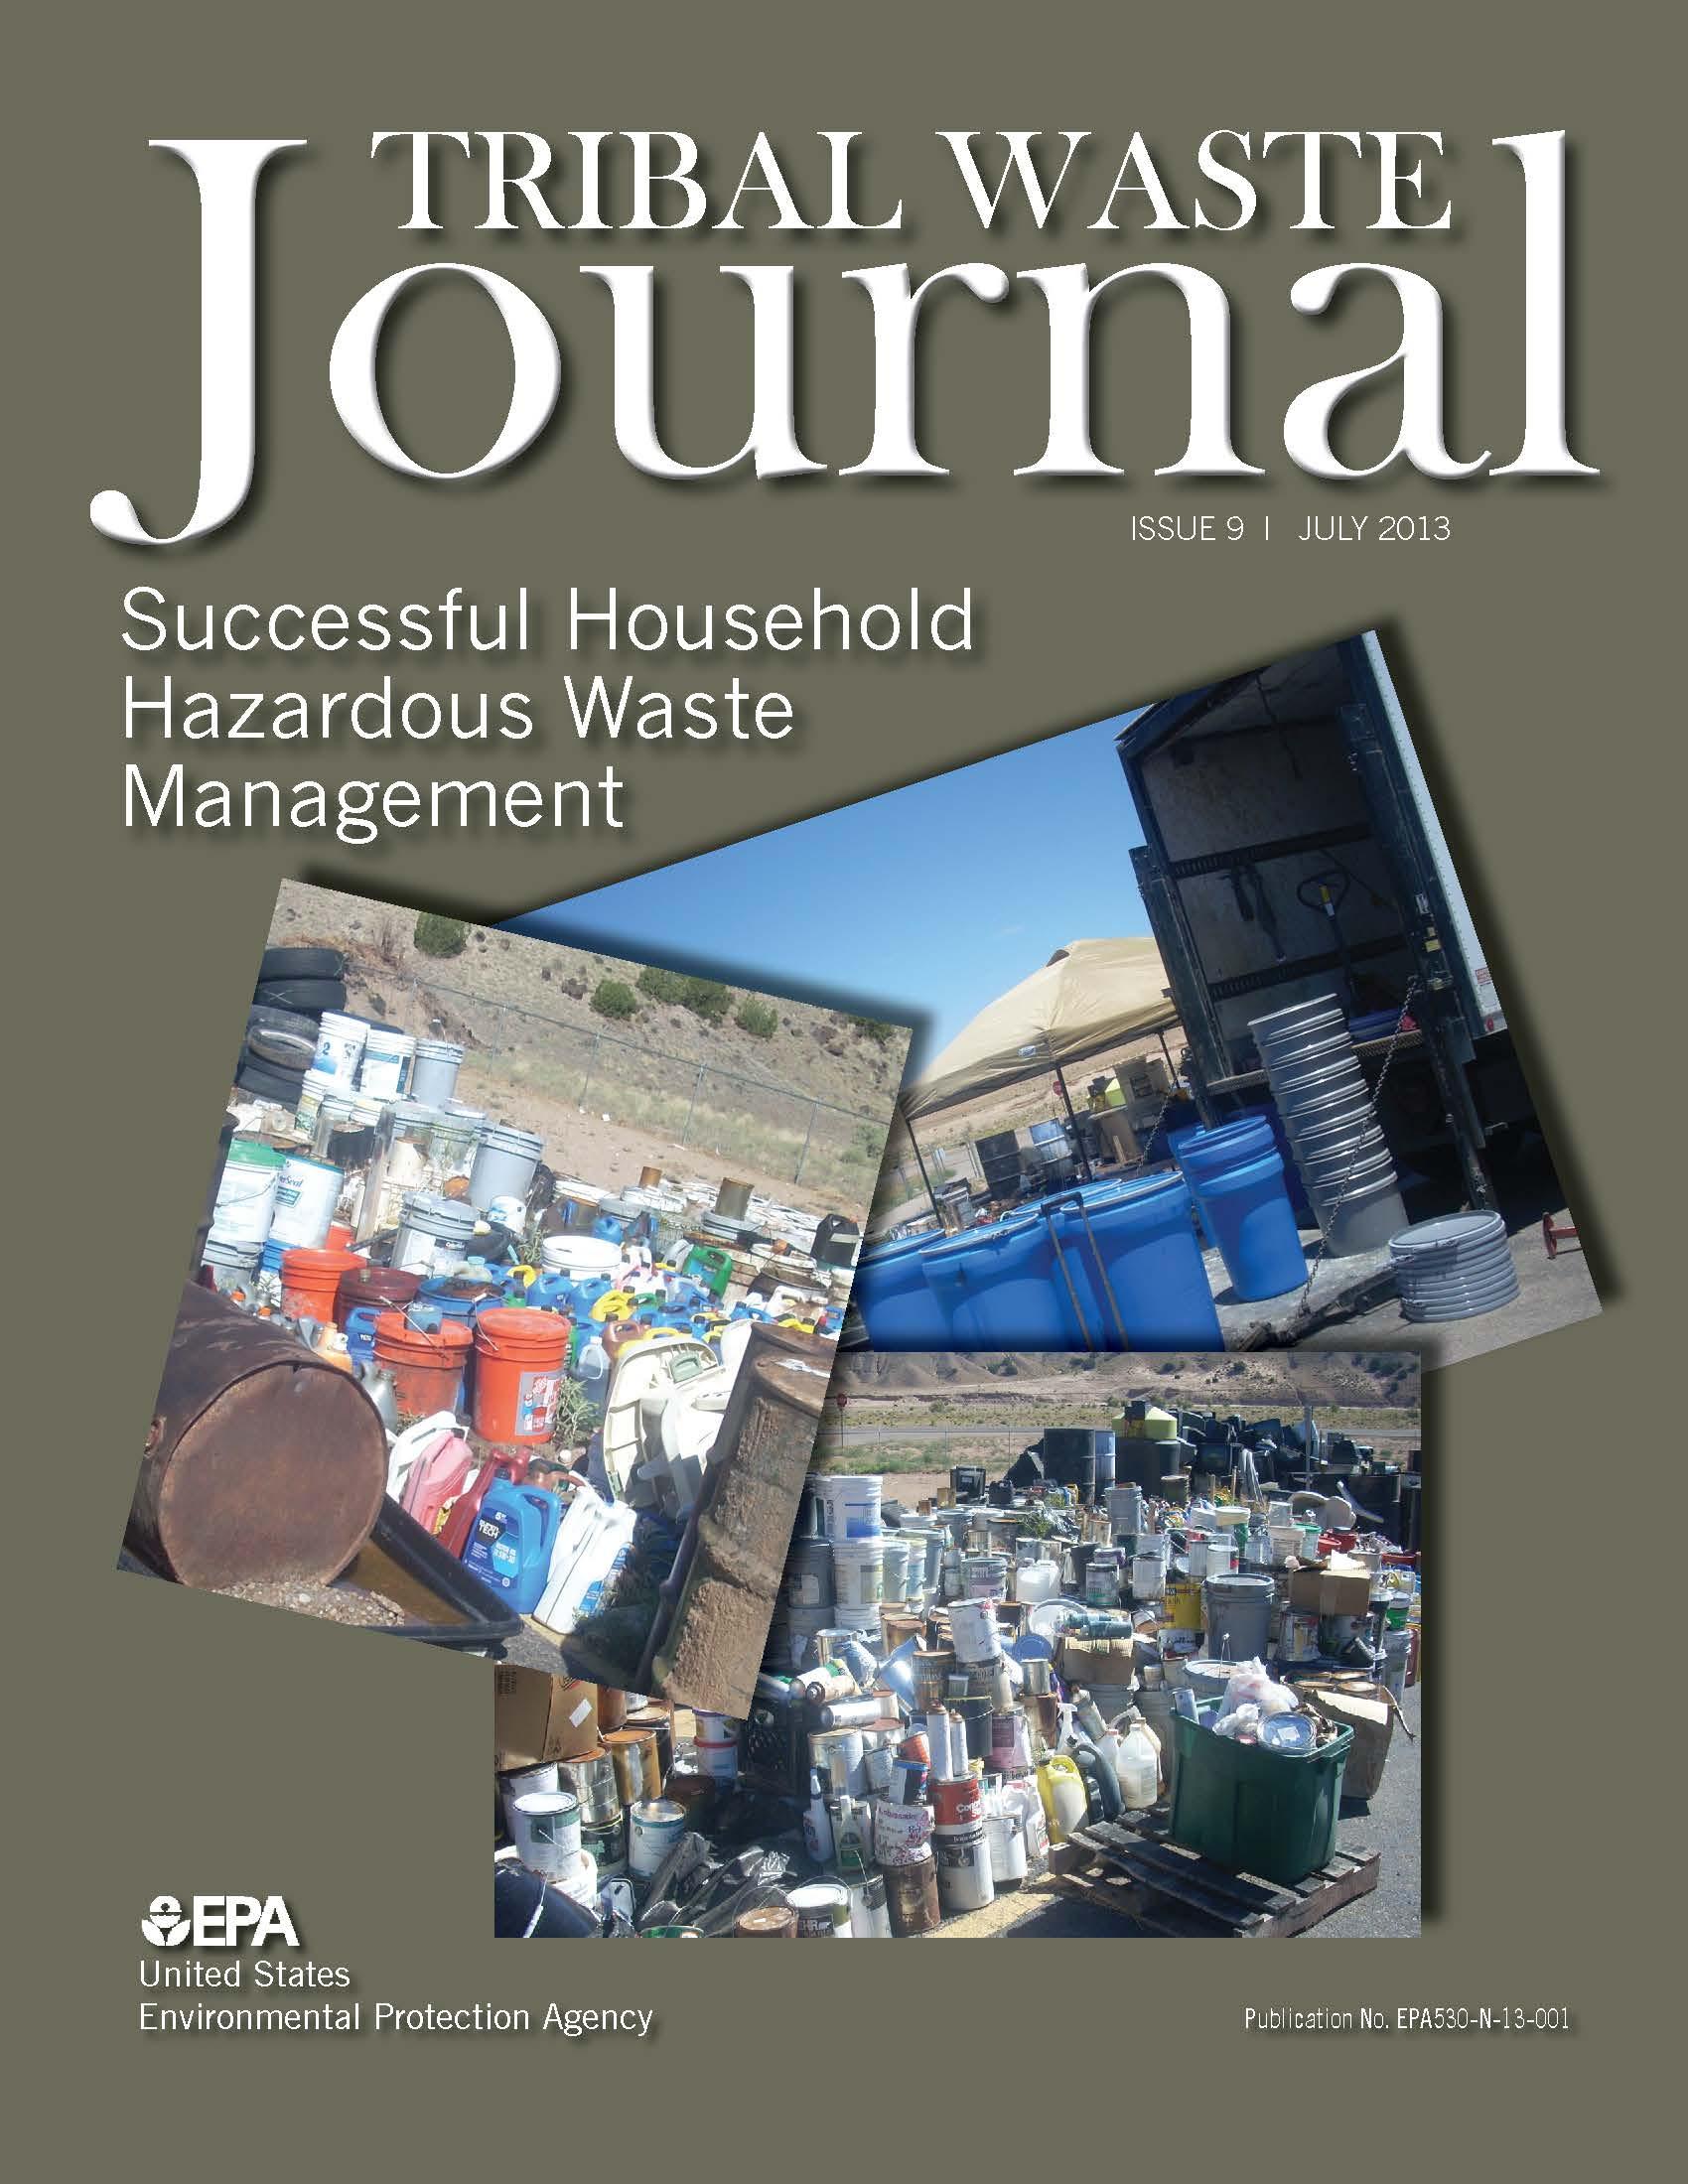 Tribal_Waste_Journal_COVER.jpg